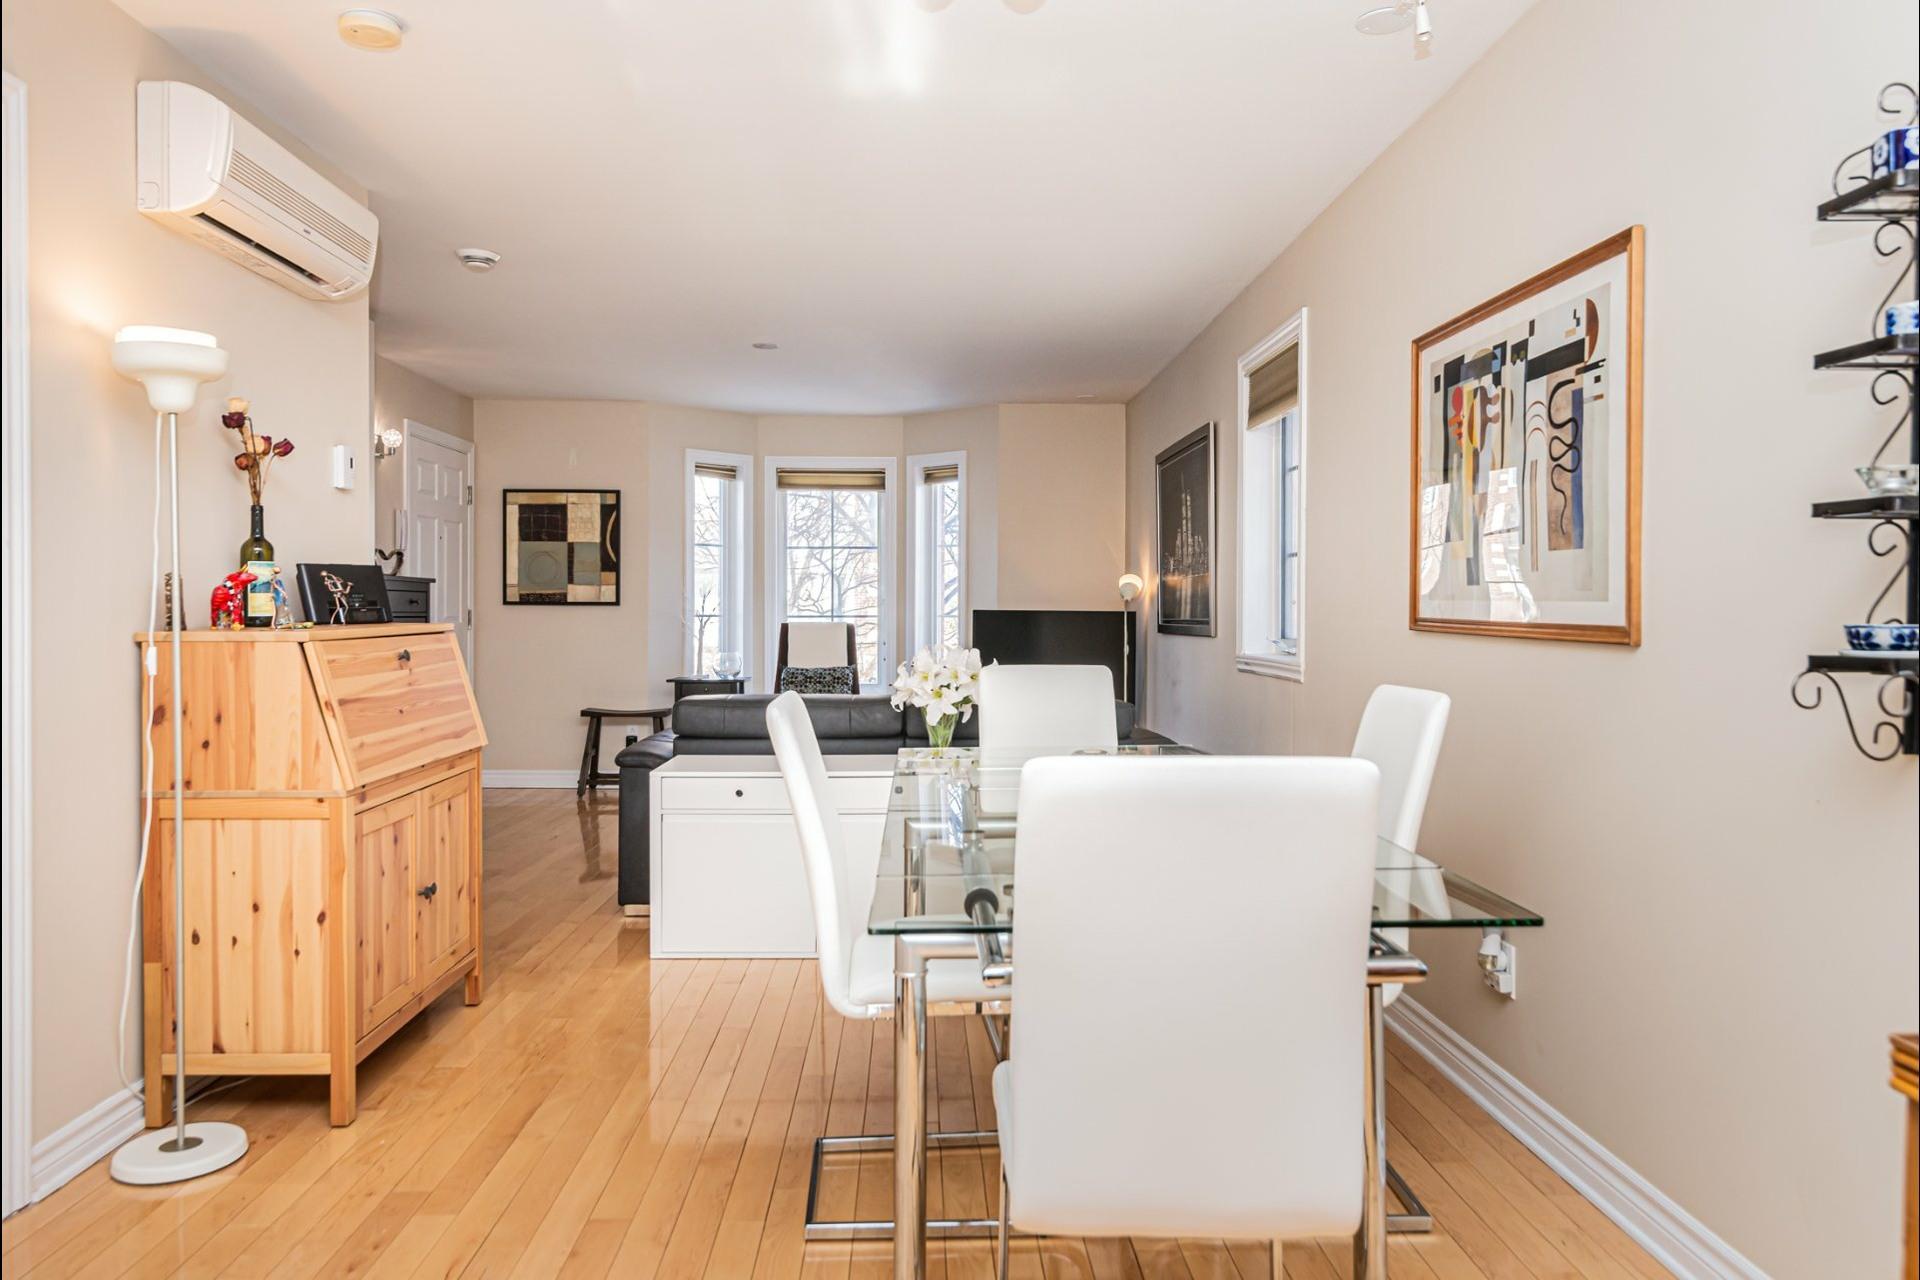 image 5 - Apartment For sale Saint-Laurent Montréal  - 4 rooms